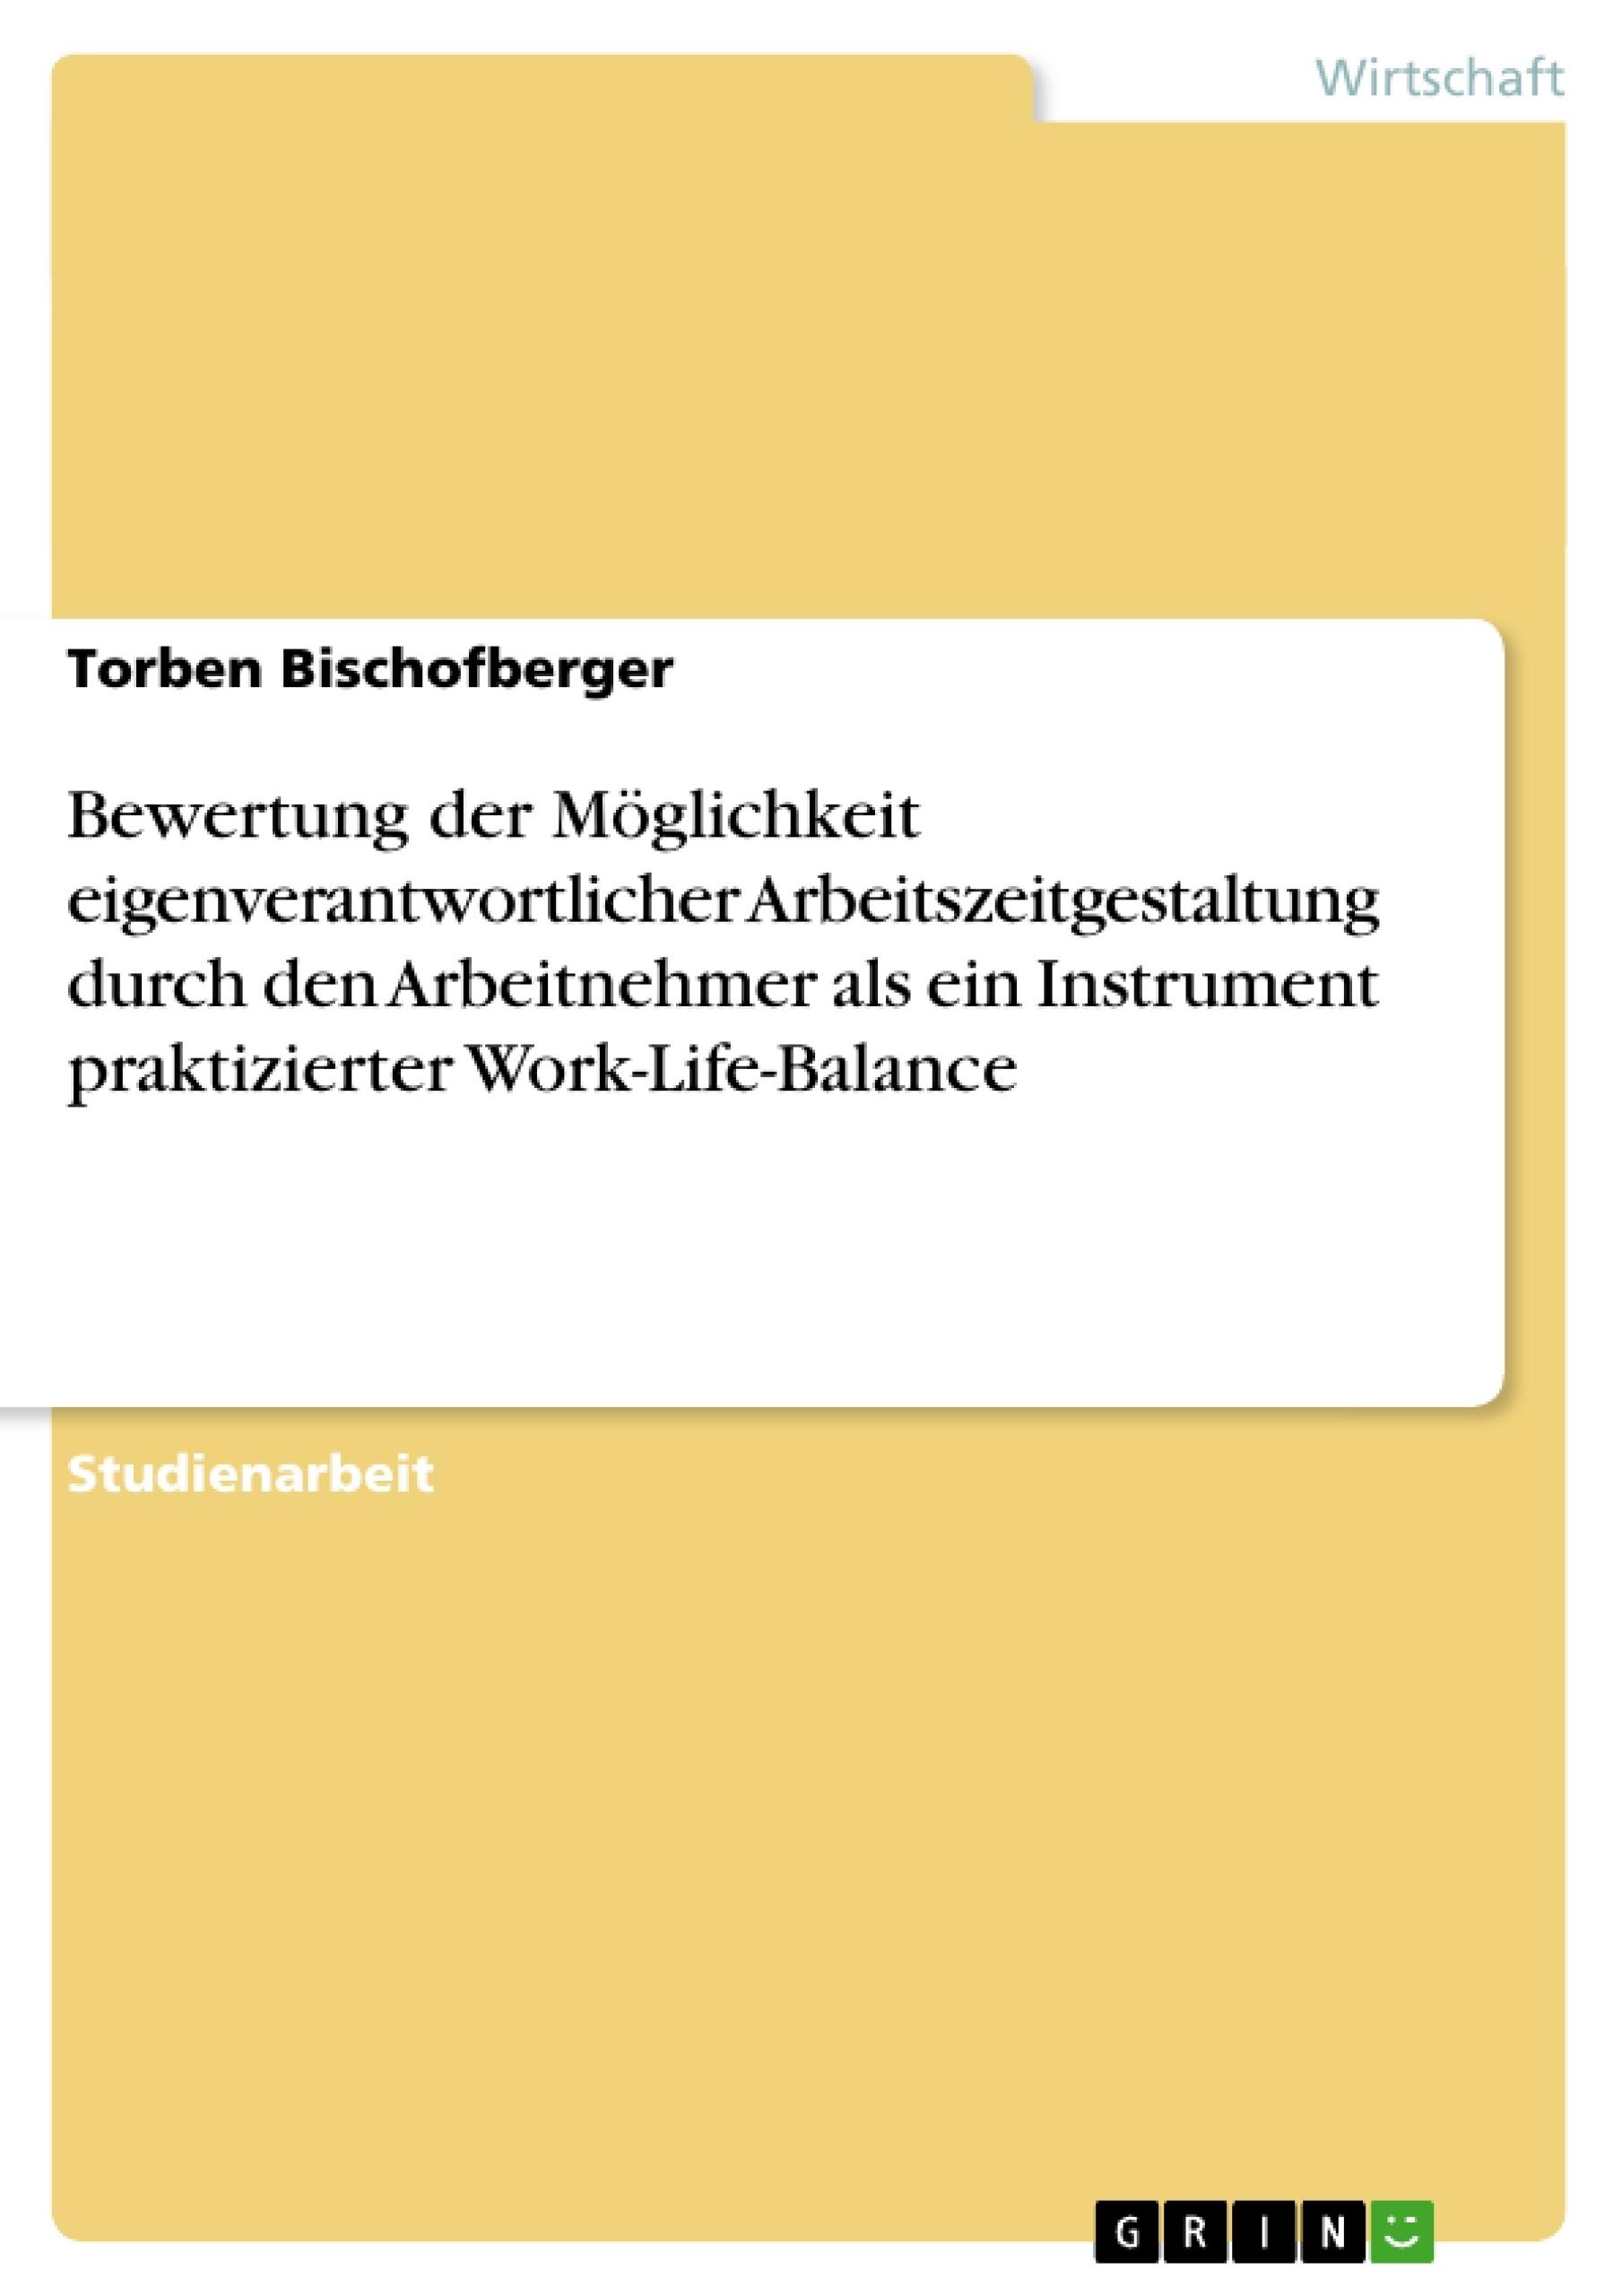 Titel: Bewertung der Möglichkeit eigenverantwortlicher Arbeitszeitgestaltung durch den Arbeitnehmer als ein Instrument praktizierter Work-Life-Balance